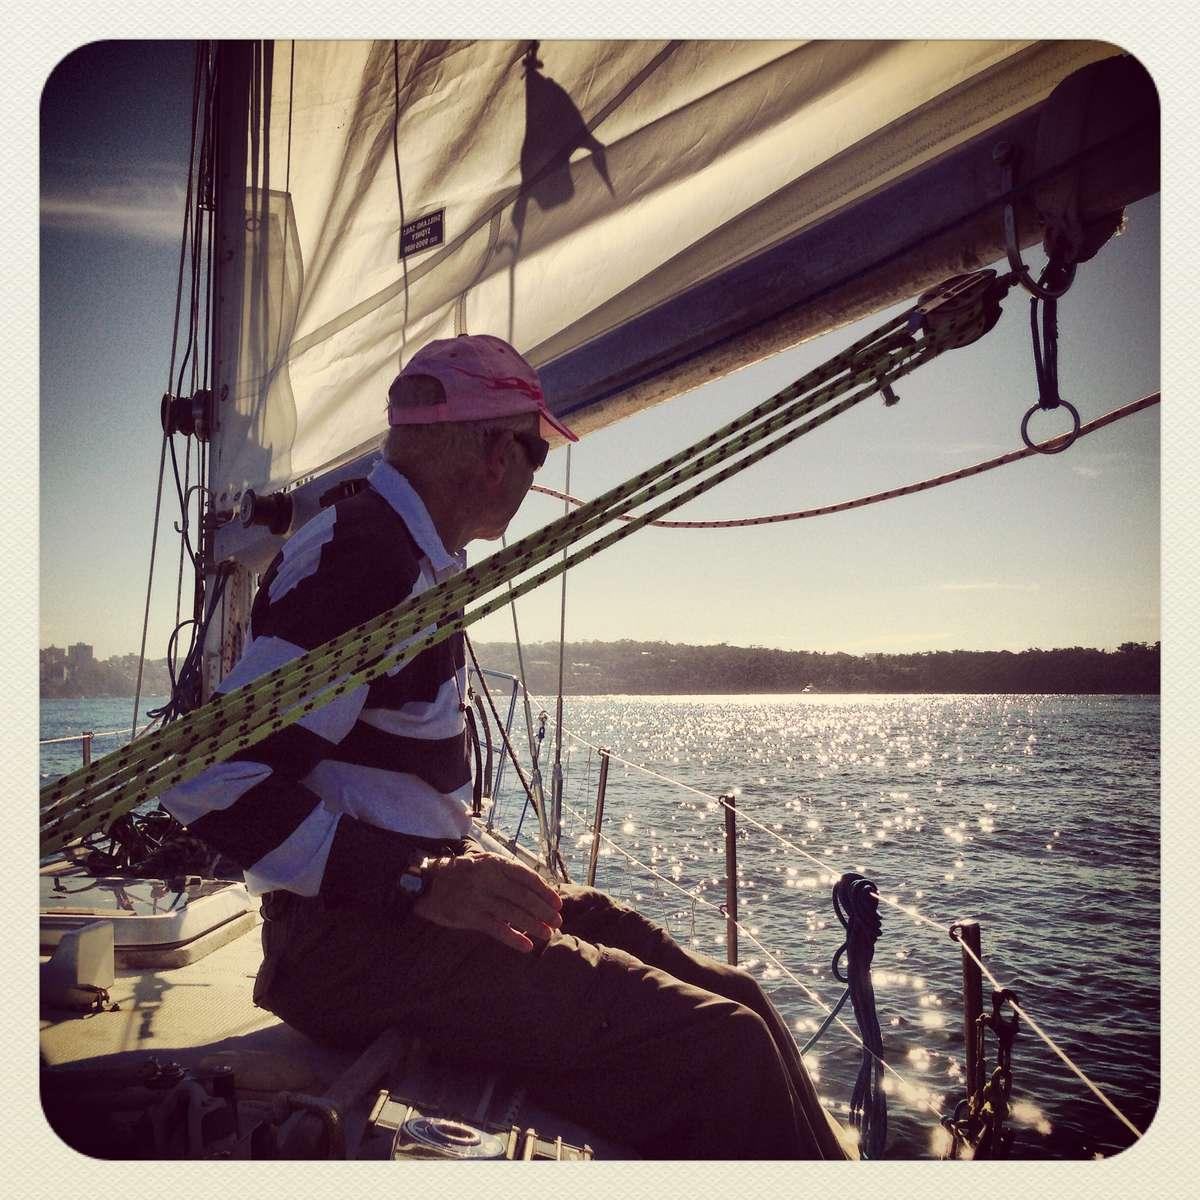 Alex Whitworth on board Berrimilla II, June 2013 Photographer: Nicole Cama, ANMM